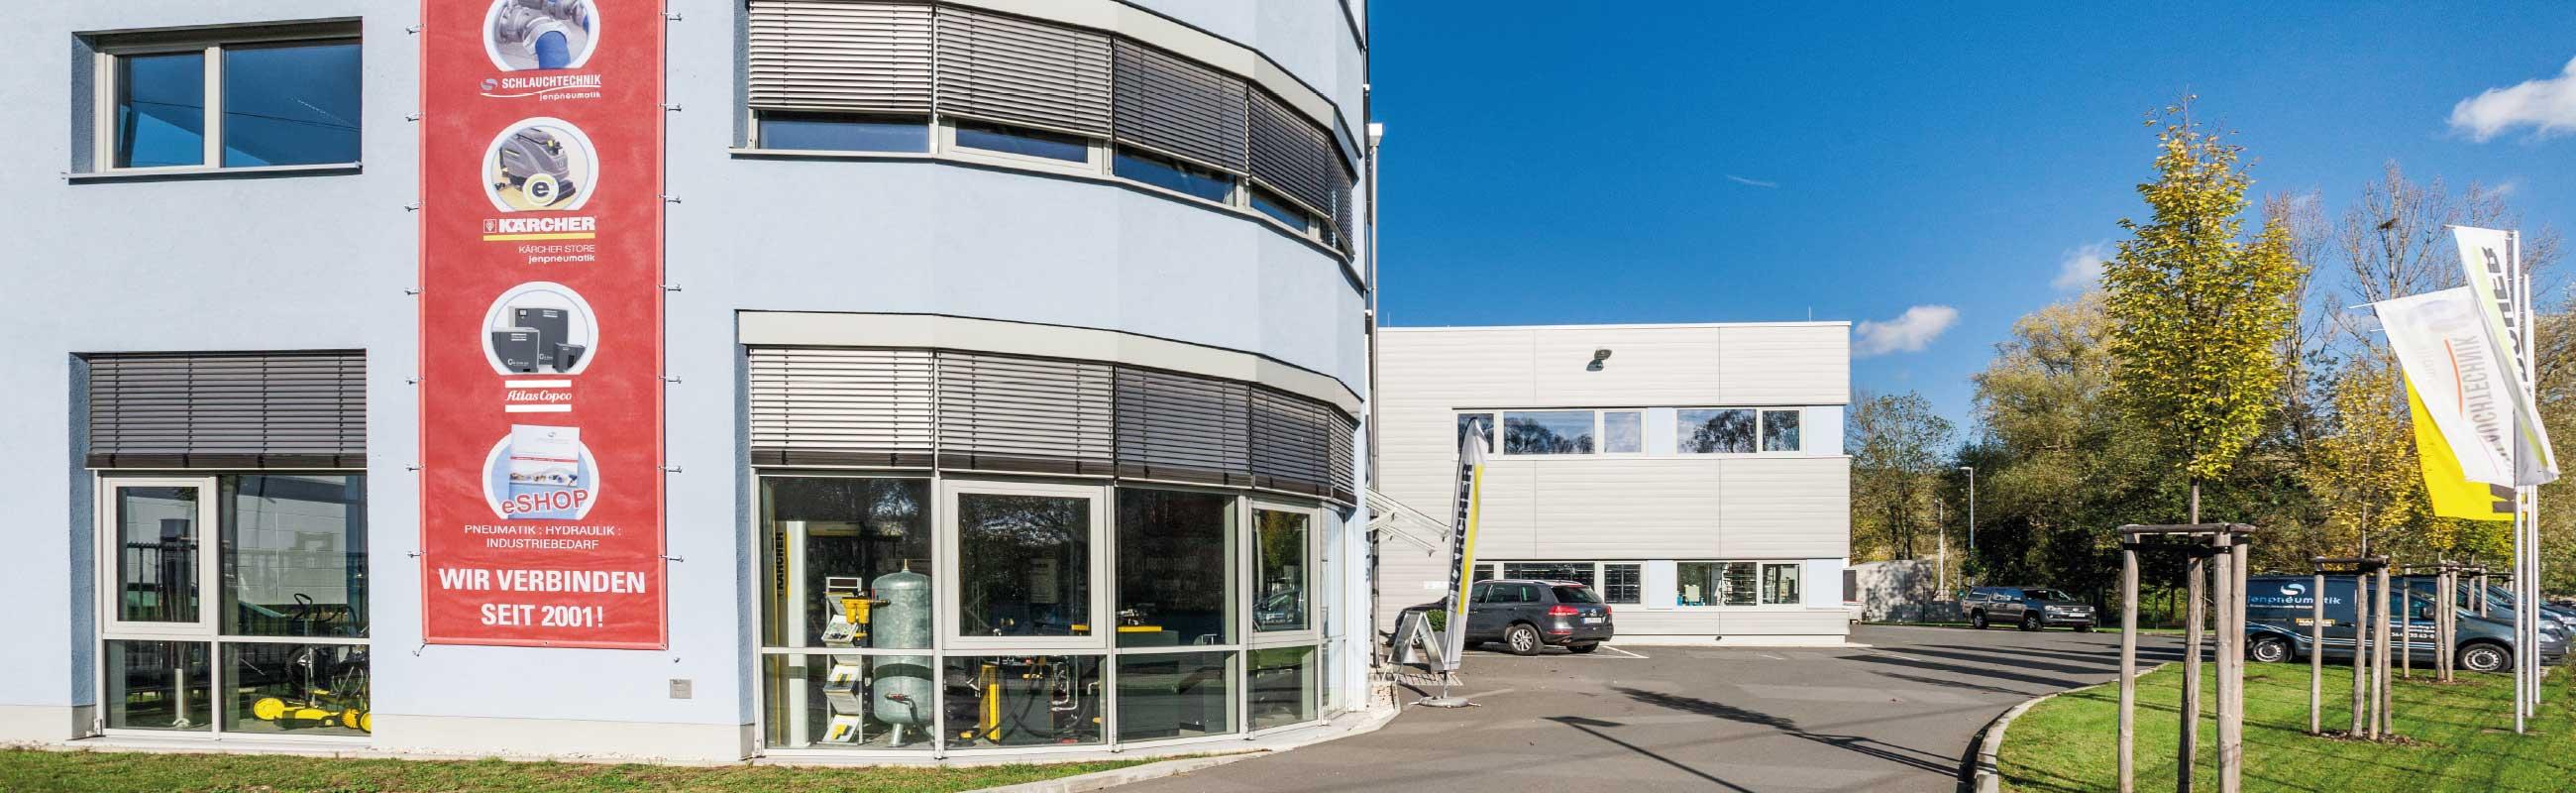 Jenpneumatik Schlauchtechnik GmbH